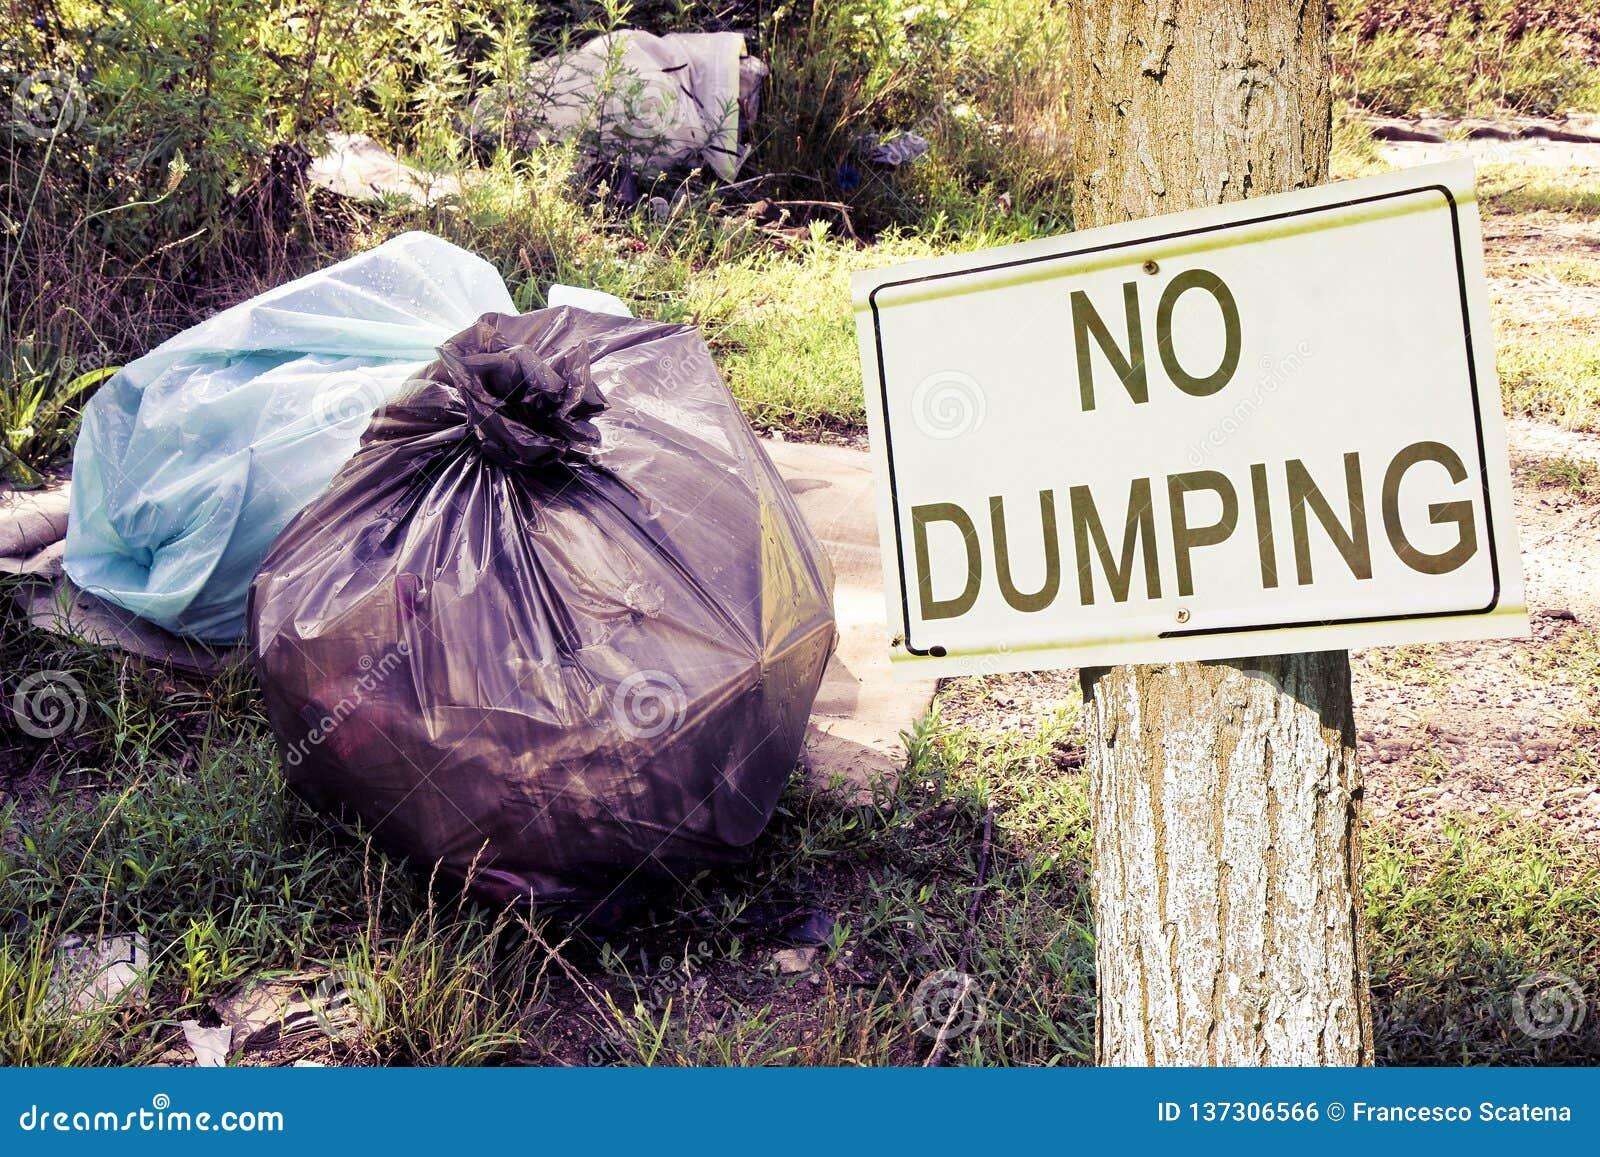 Dumping illégal dans la nature sans vider le signe indiquant dans la campagne - image de concept